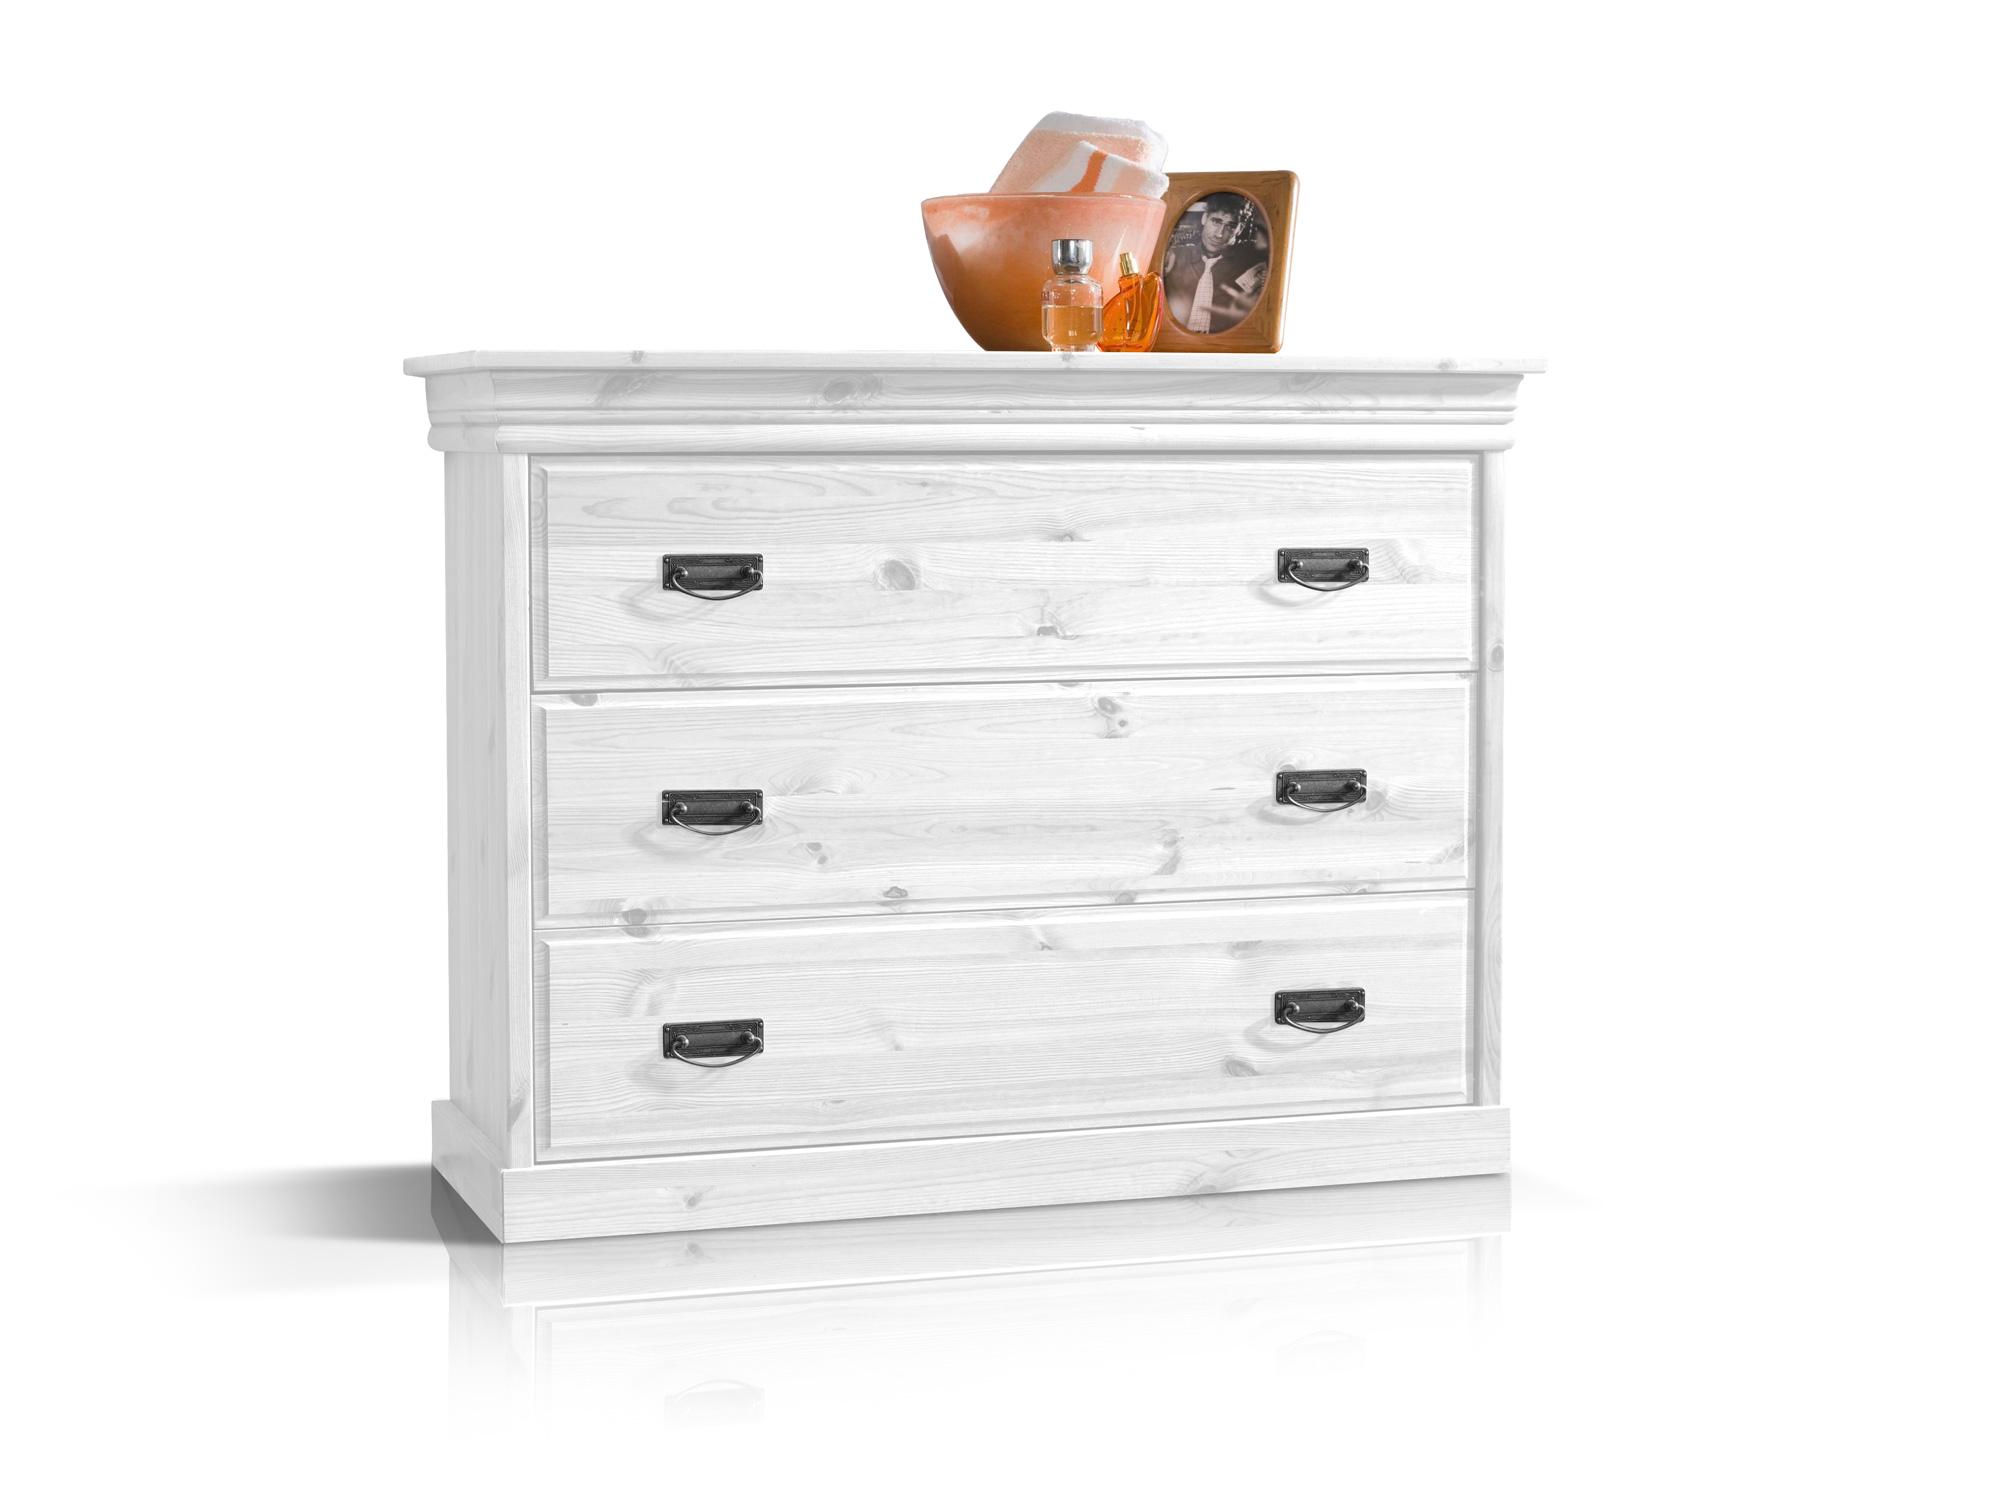 richard ii kommode sideboard kiefer massiv kiefer weiss. Black Bedroom Furniture Sets. Home Design Ideas